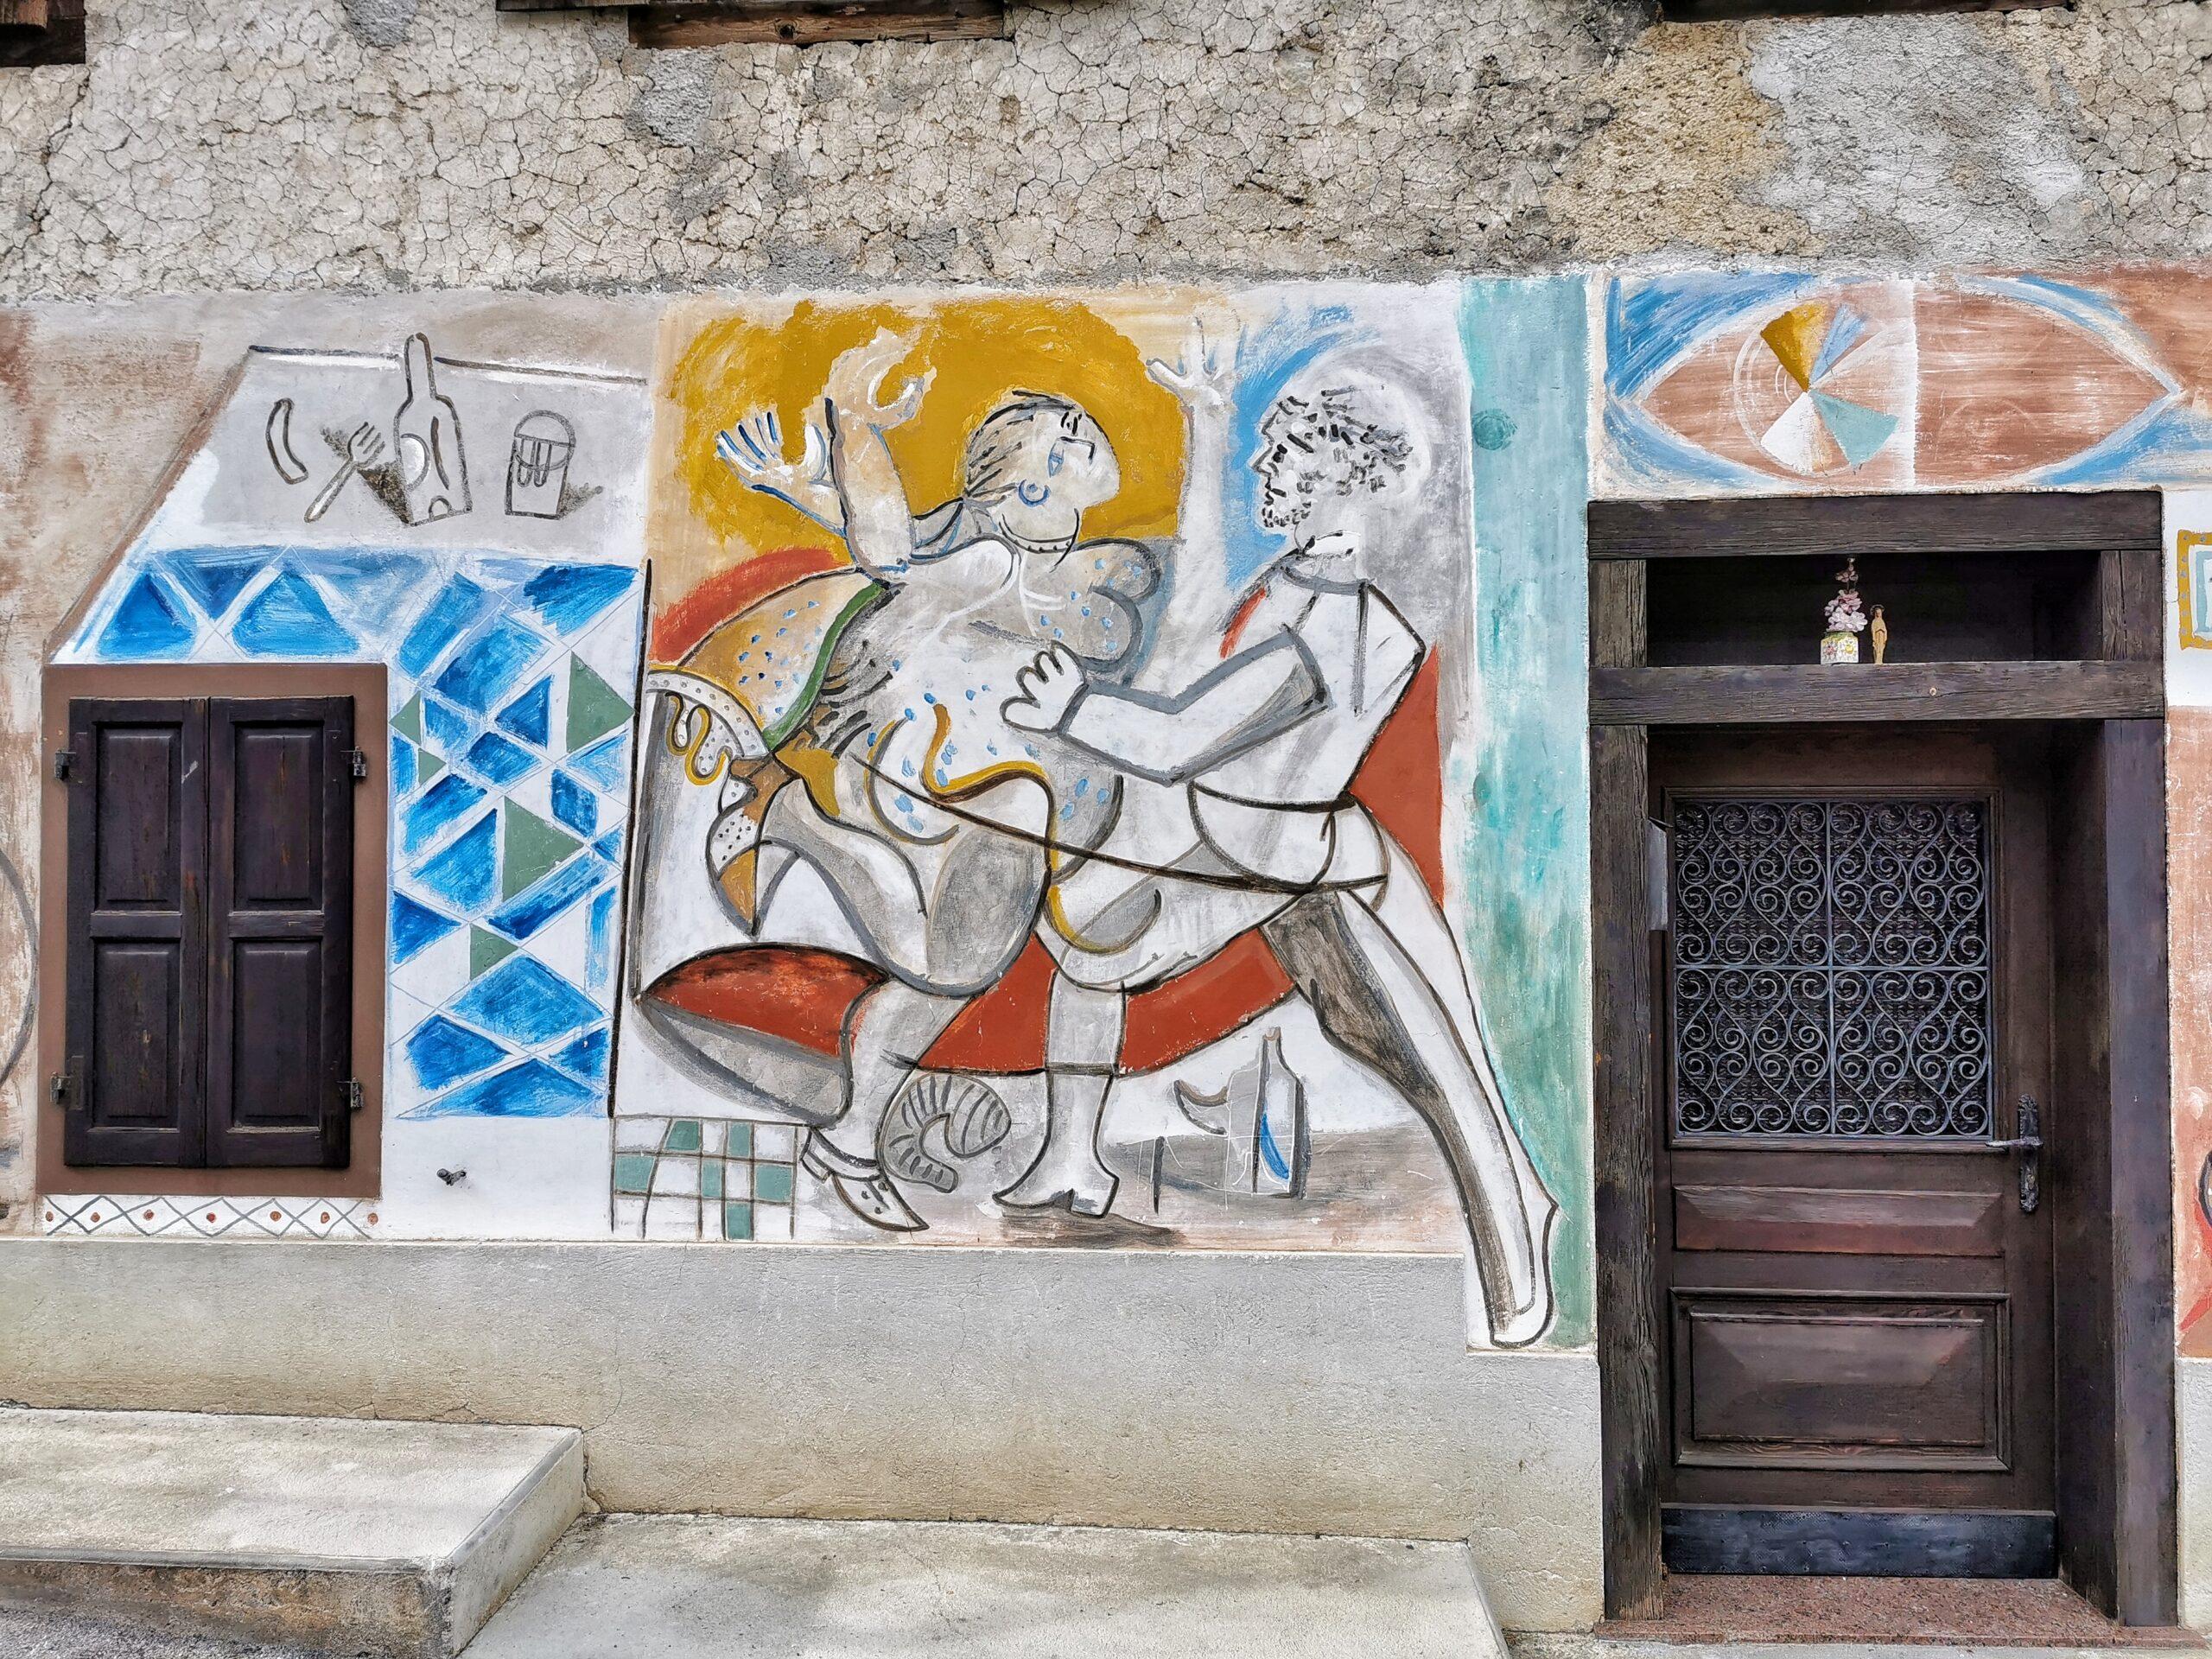 street art cibiana